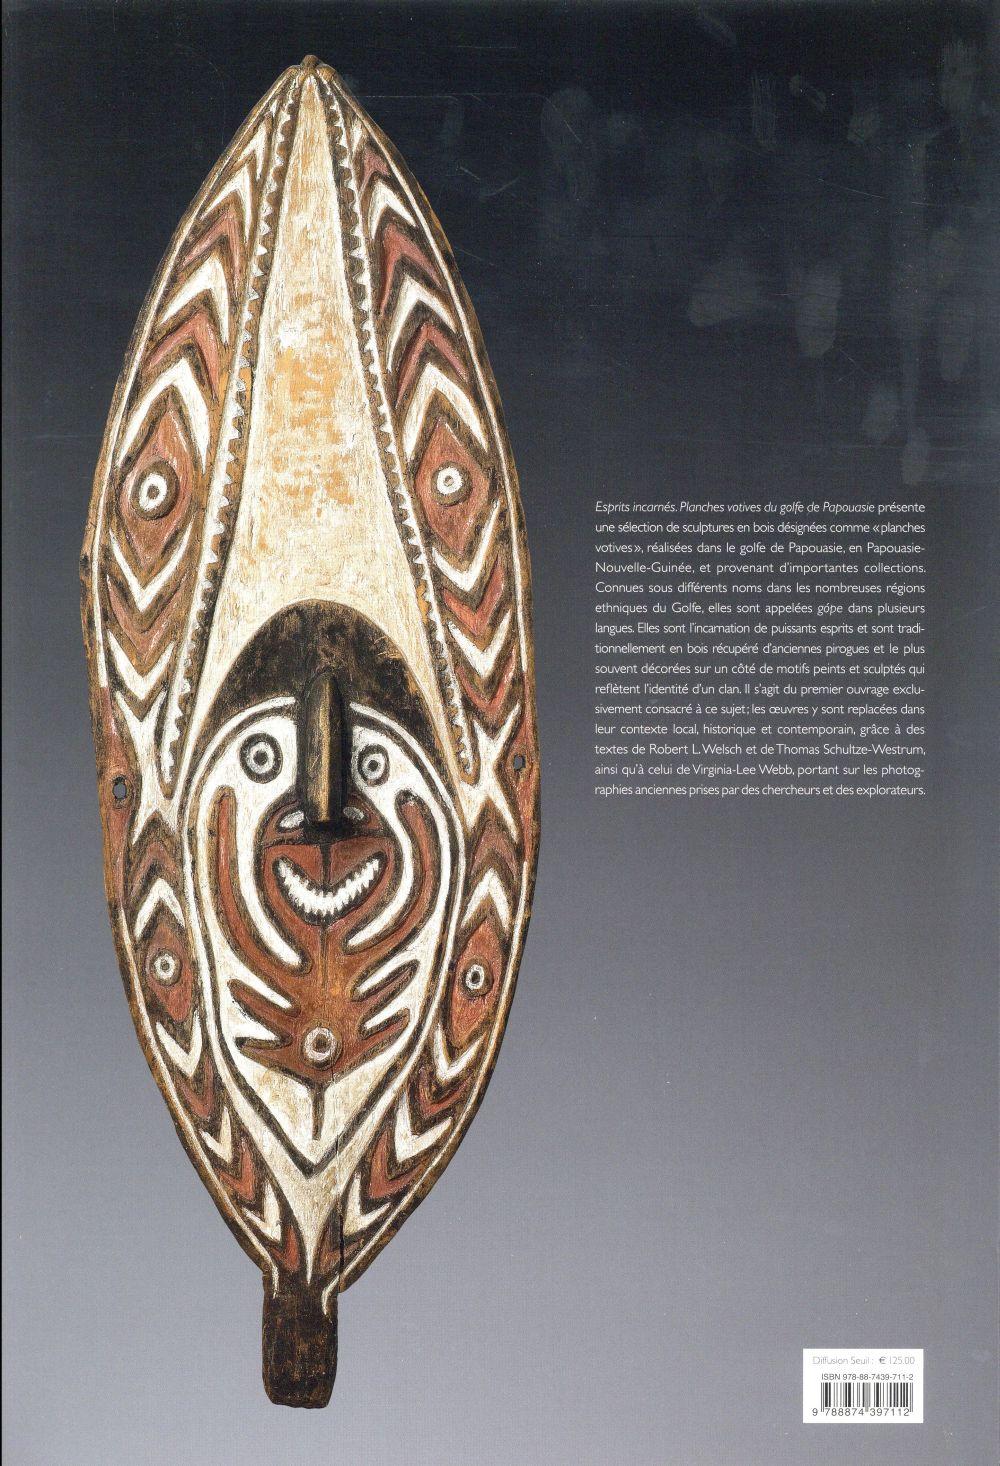 esprits incarnés ; les planches votives du golfe de Papouasie